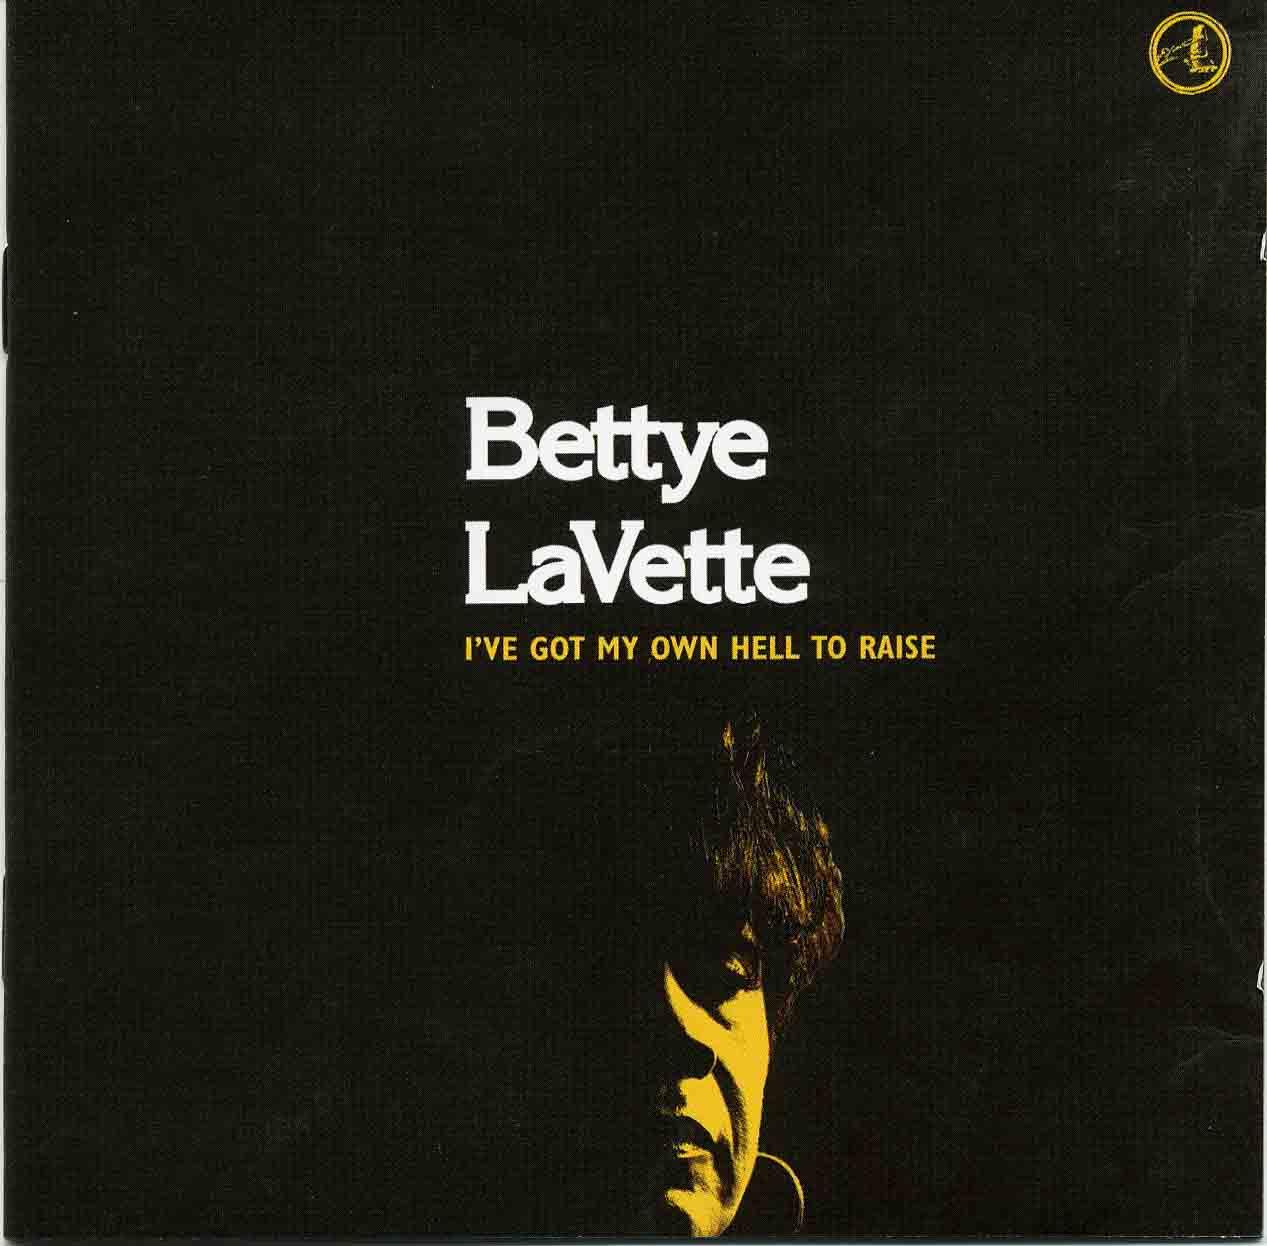 http://4.bp.blogspot.com/-mdnyq-873Ik/T2EHqnPLqOI/AAAAAAAACDE/yIgs423IFcA/s1600/Betty+Lavette+-+I\'ve+Got+My+Own+Hell+To+Raise+cover.jpg